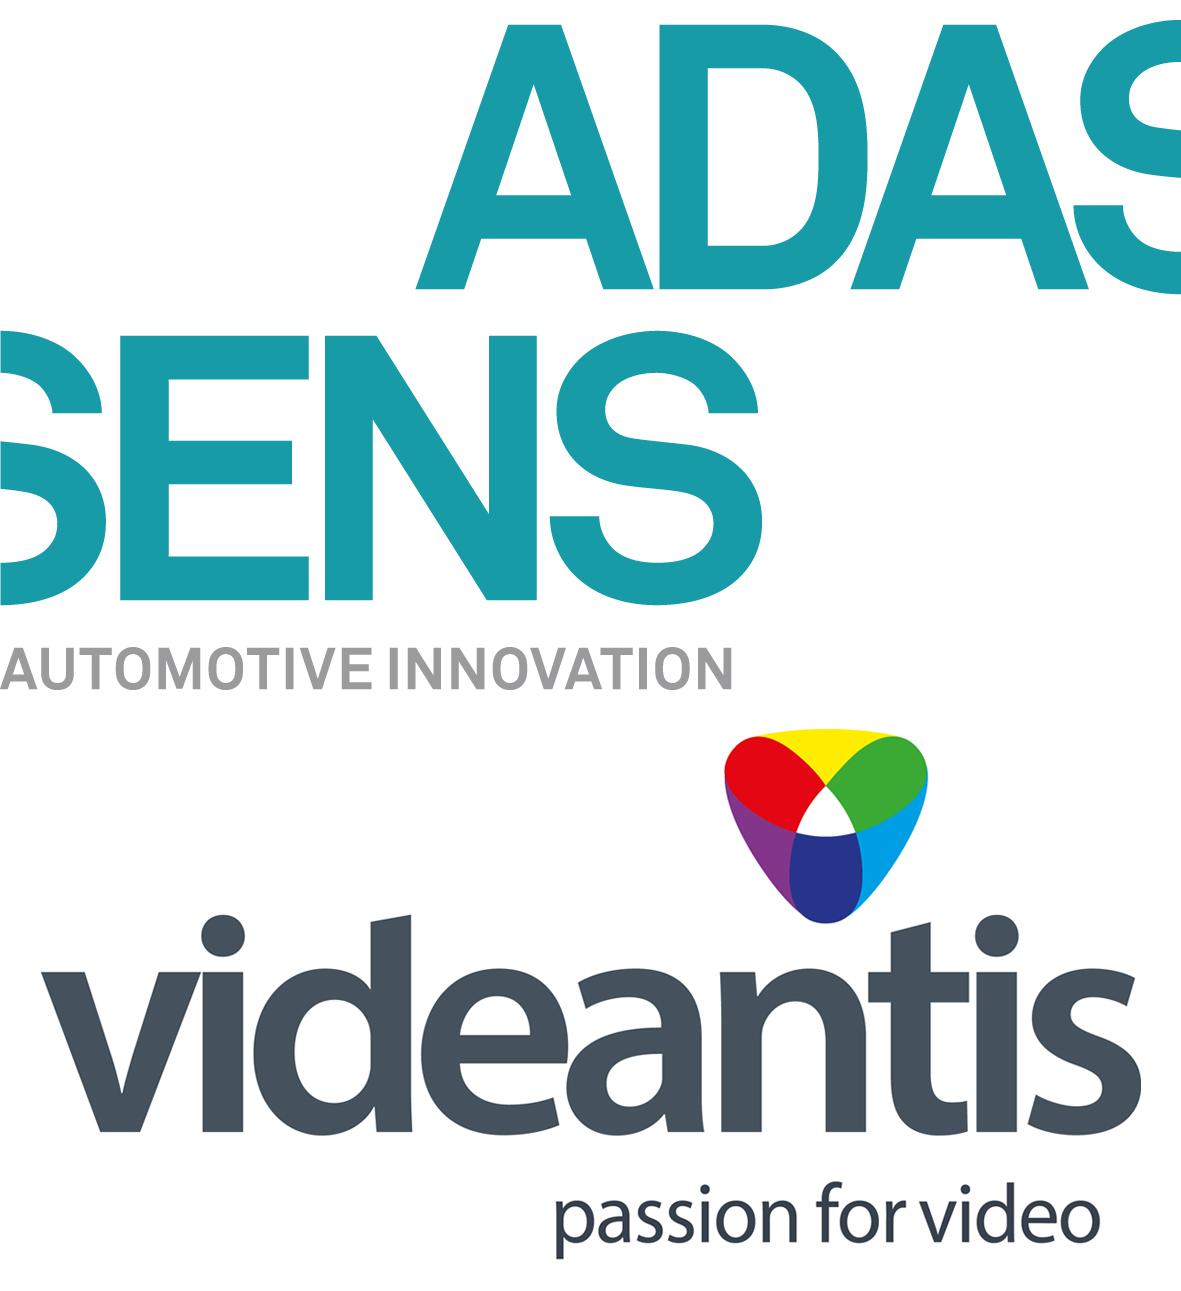 Partnerschaft zwischen Videantis und Adasens